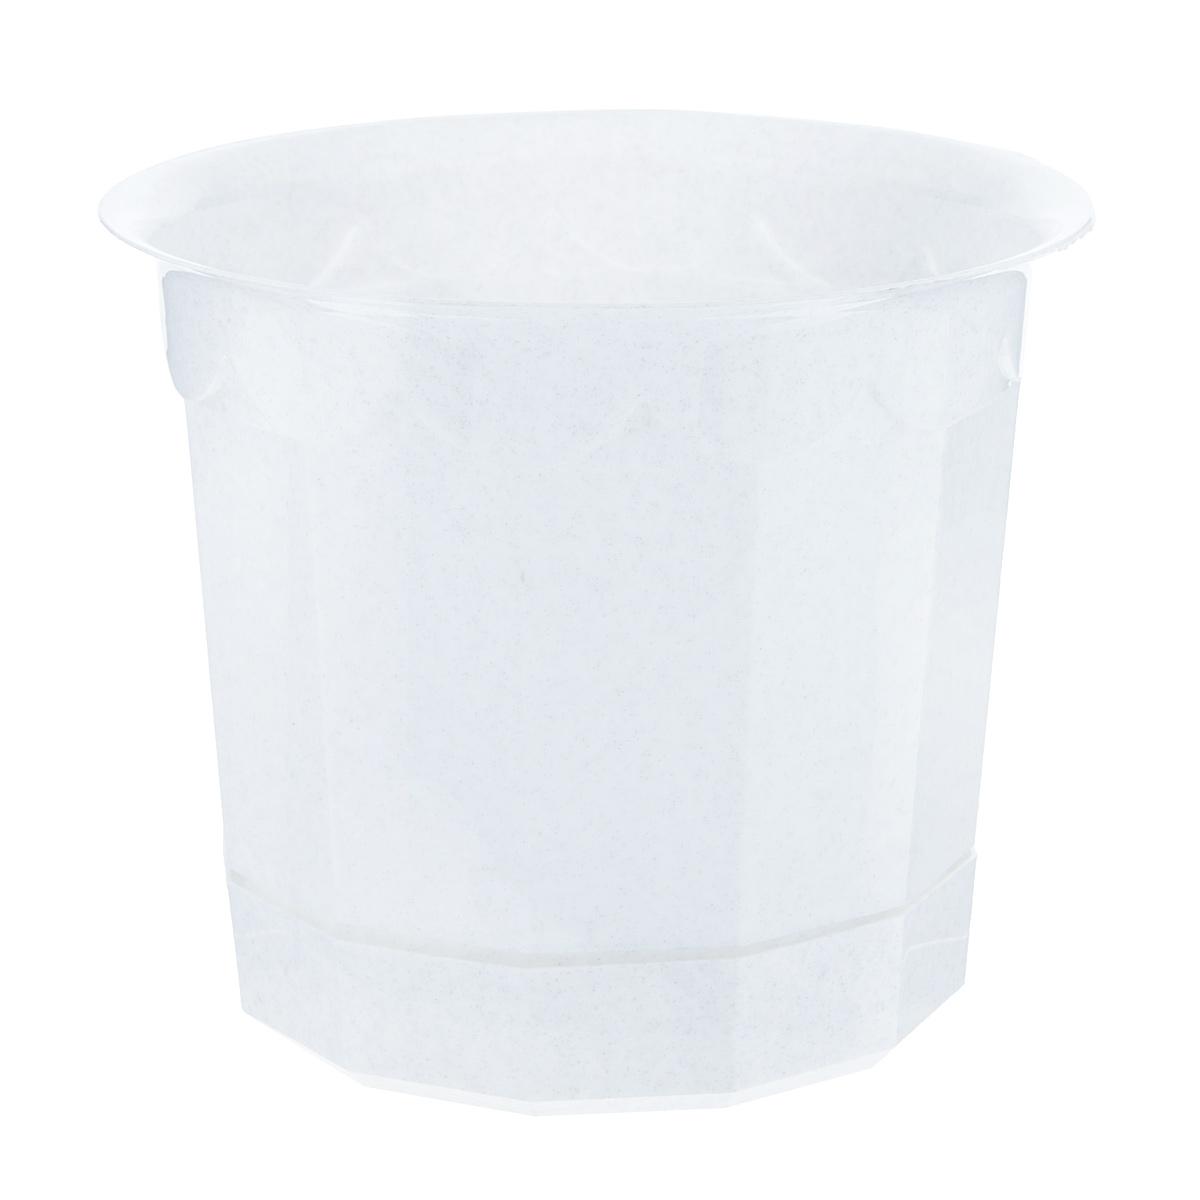 Горшок для цветов Полимербыт, с поддоном, диаметр 25 смZ-0307Горшок для цветов Полимербыт изготовлен из прочного пластика с расцветкой под мрамор. Снабжен поддоном для стока воды. Изделие прекрасно подходит для выращивания растений и цветов в домашних условиях.